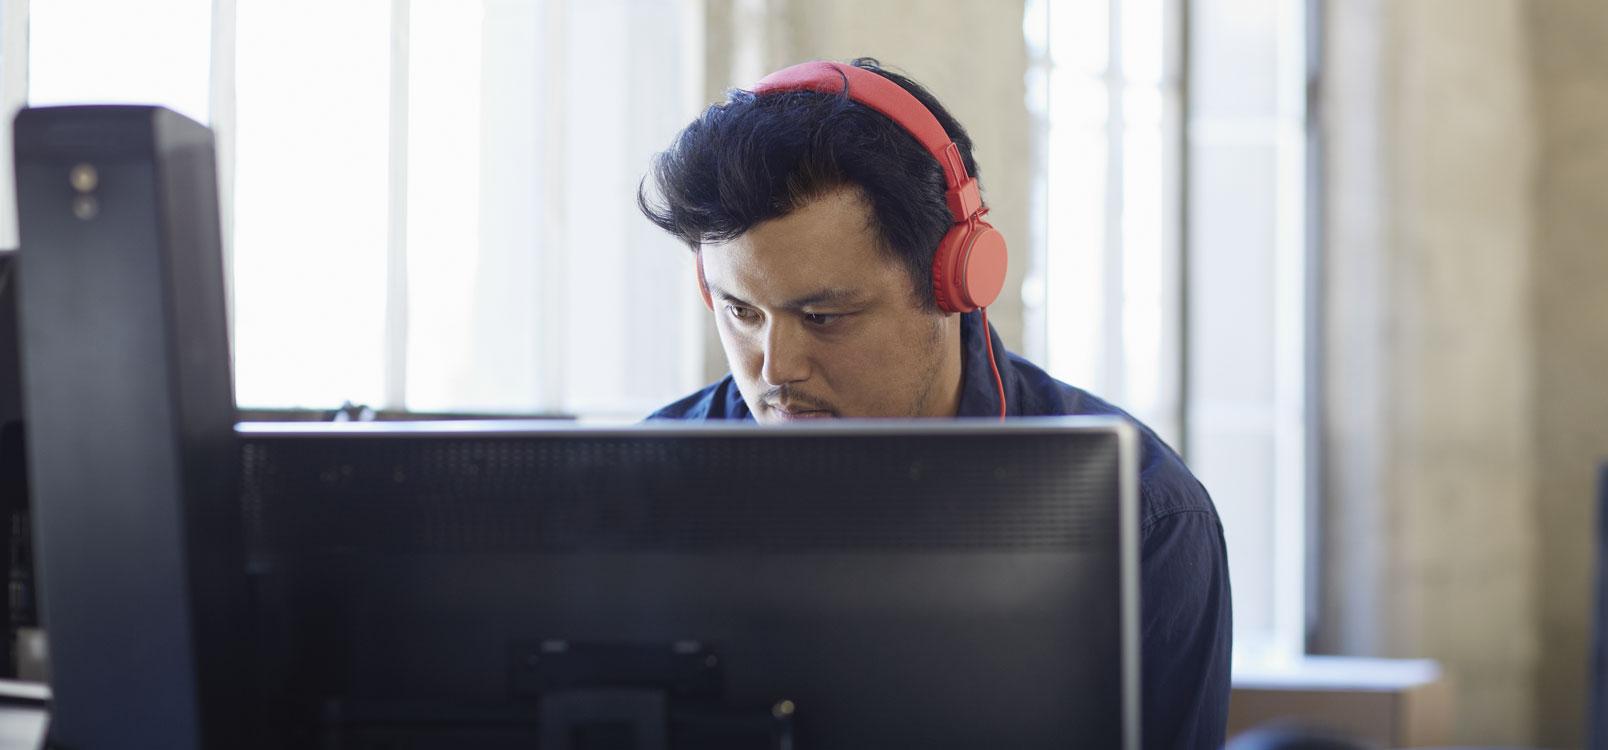 Homem com fones de ouvido trabalhando em um computador, usando o Office 365 para simplificar a TI.